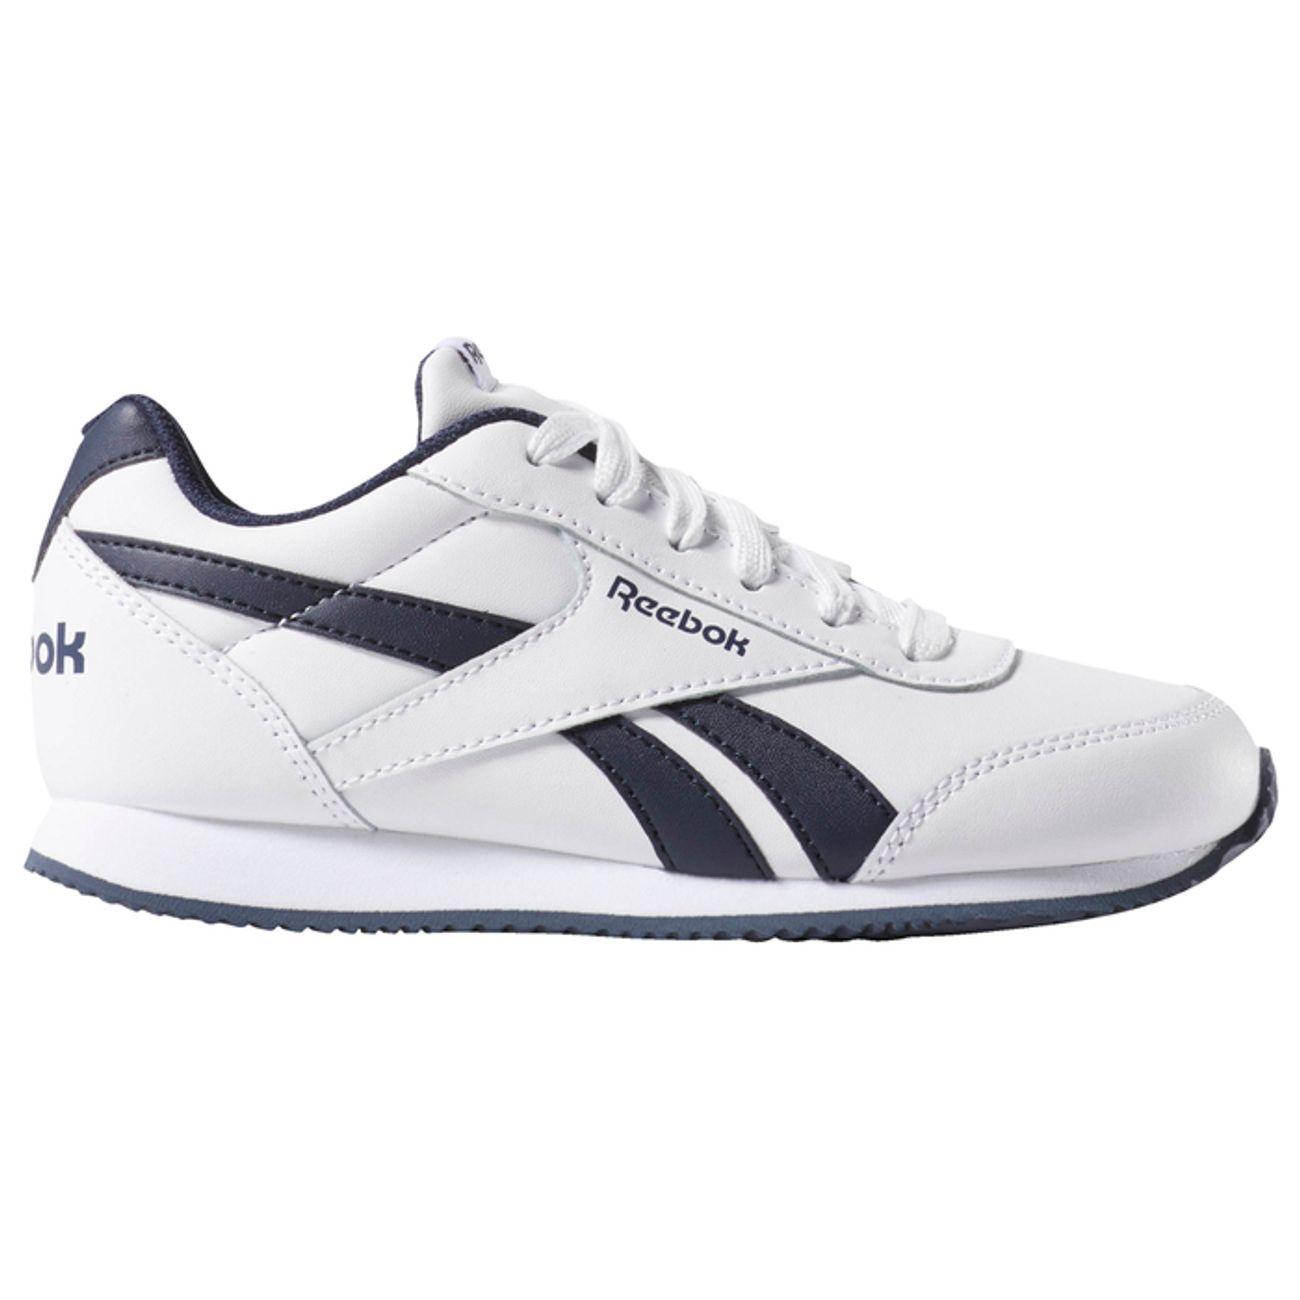 Chaussures de running Reebok Royal CL JOG pour Enfant - Blanc / Marine, Tailles 36 à 38